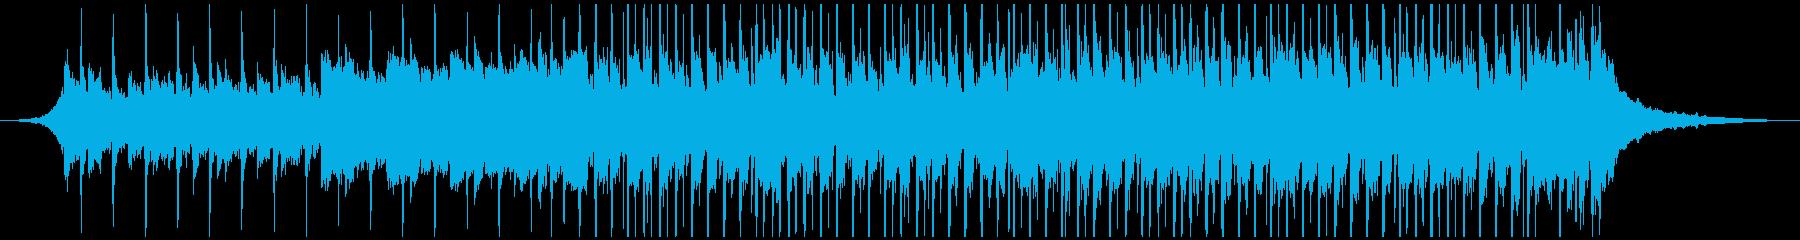 ハッピービートハッピー(55秒)の再生済みの波形